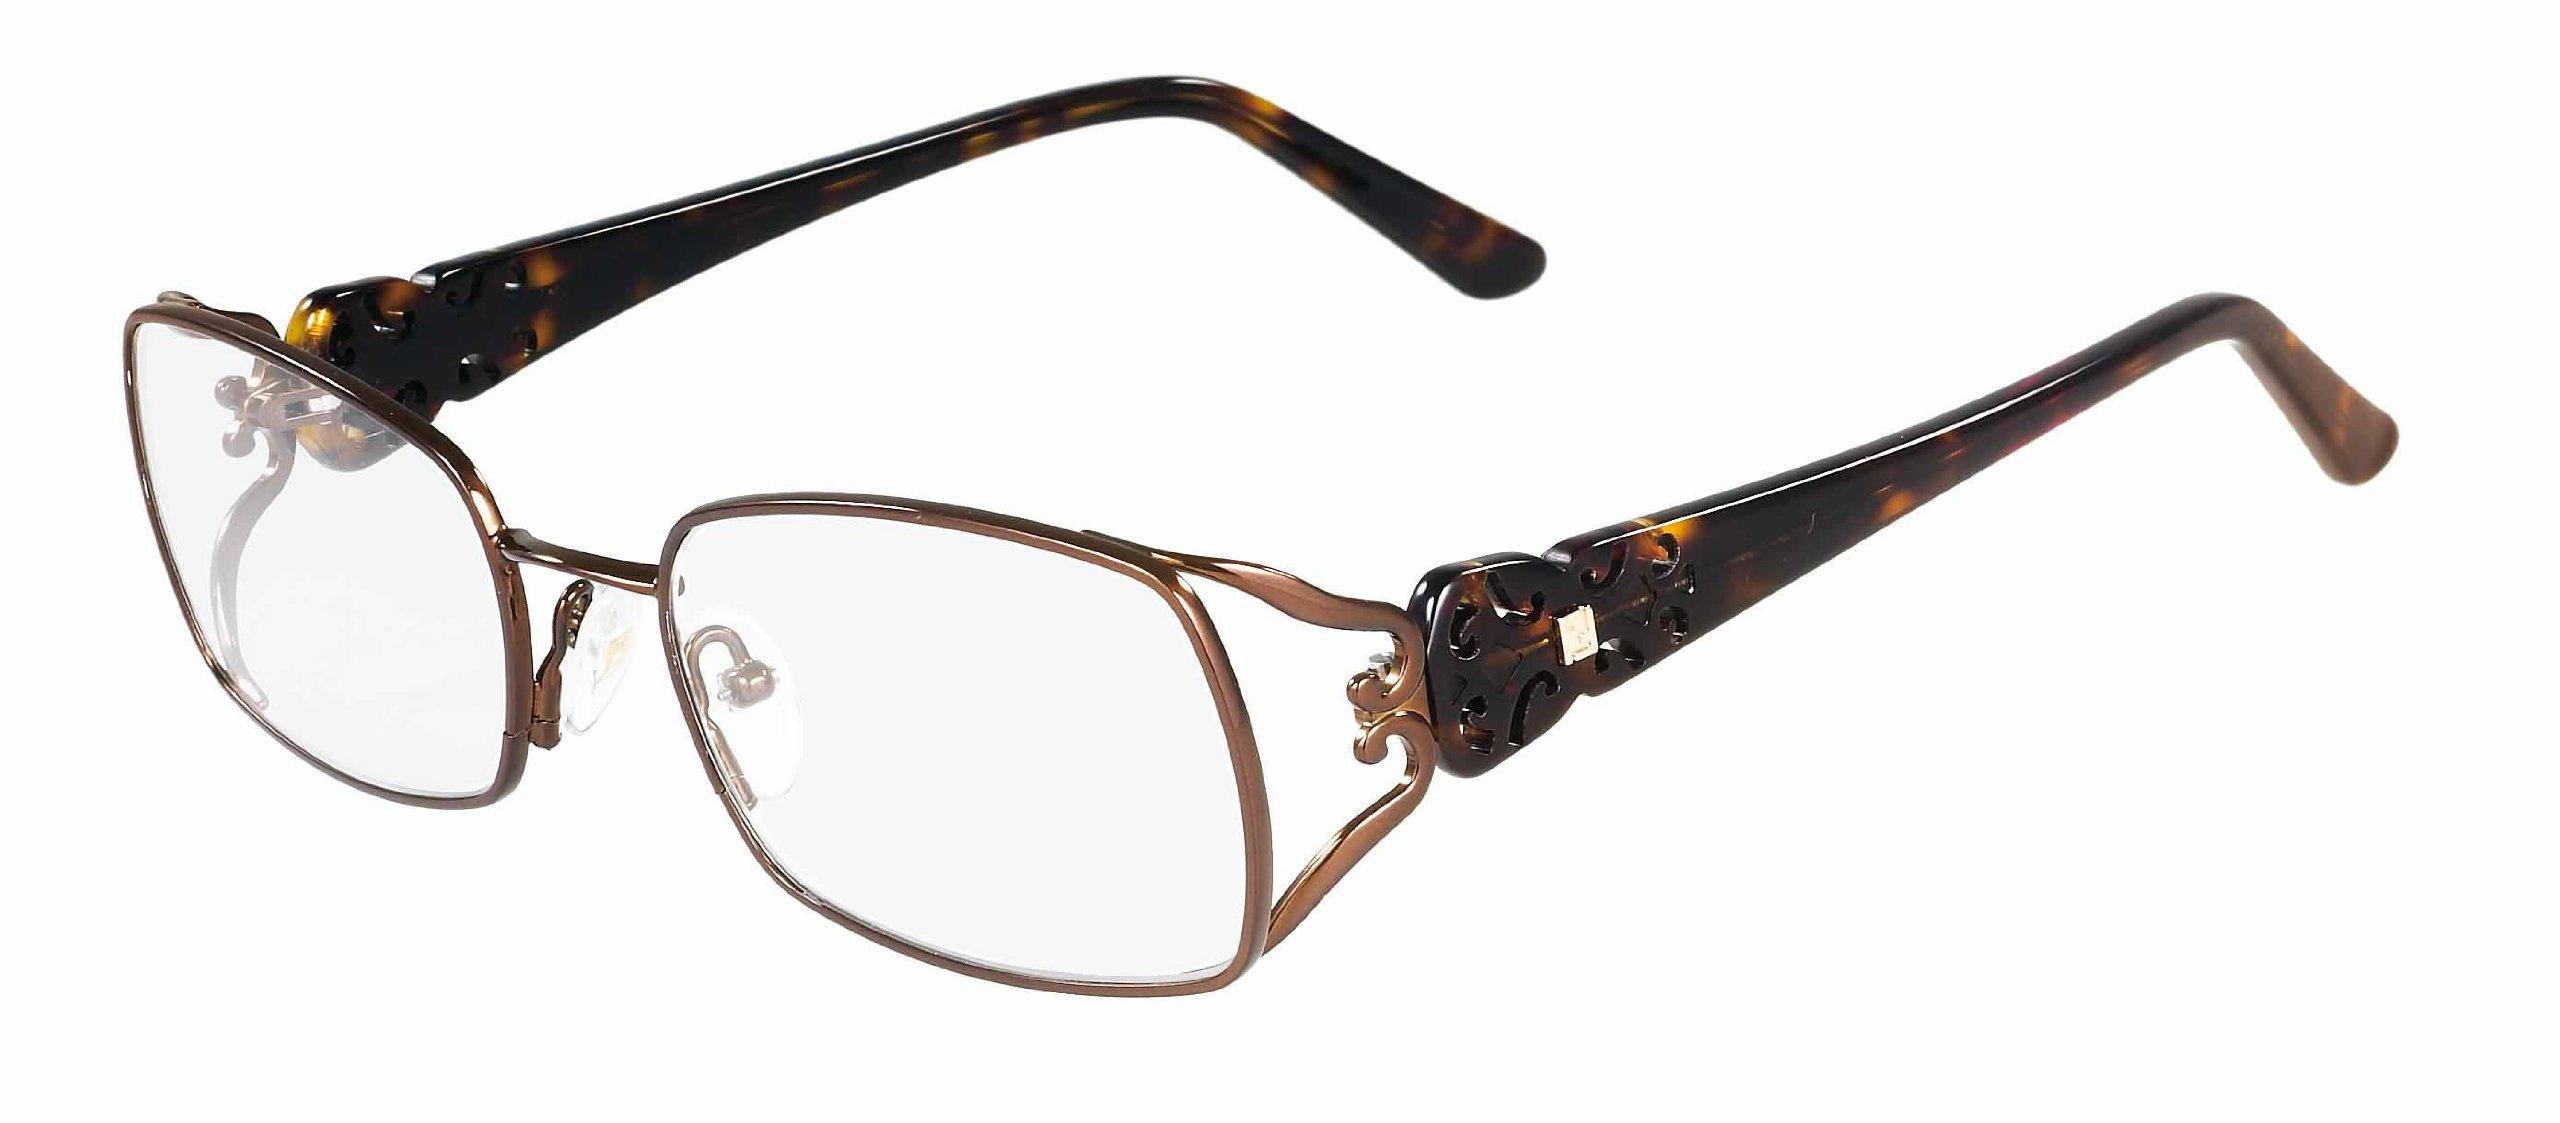 Fendi 872 Eyeglasses (212) Brown, 52mm